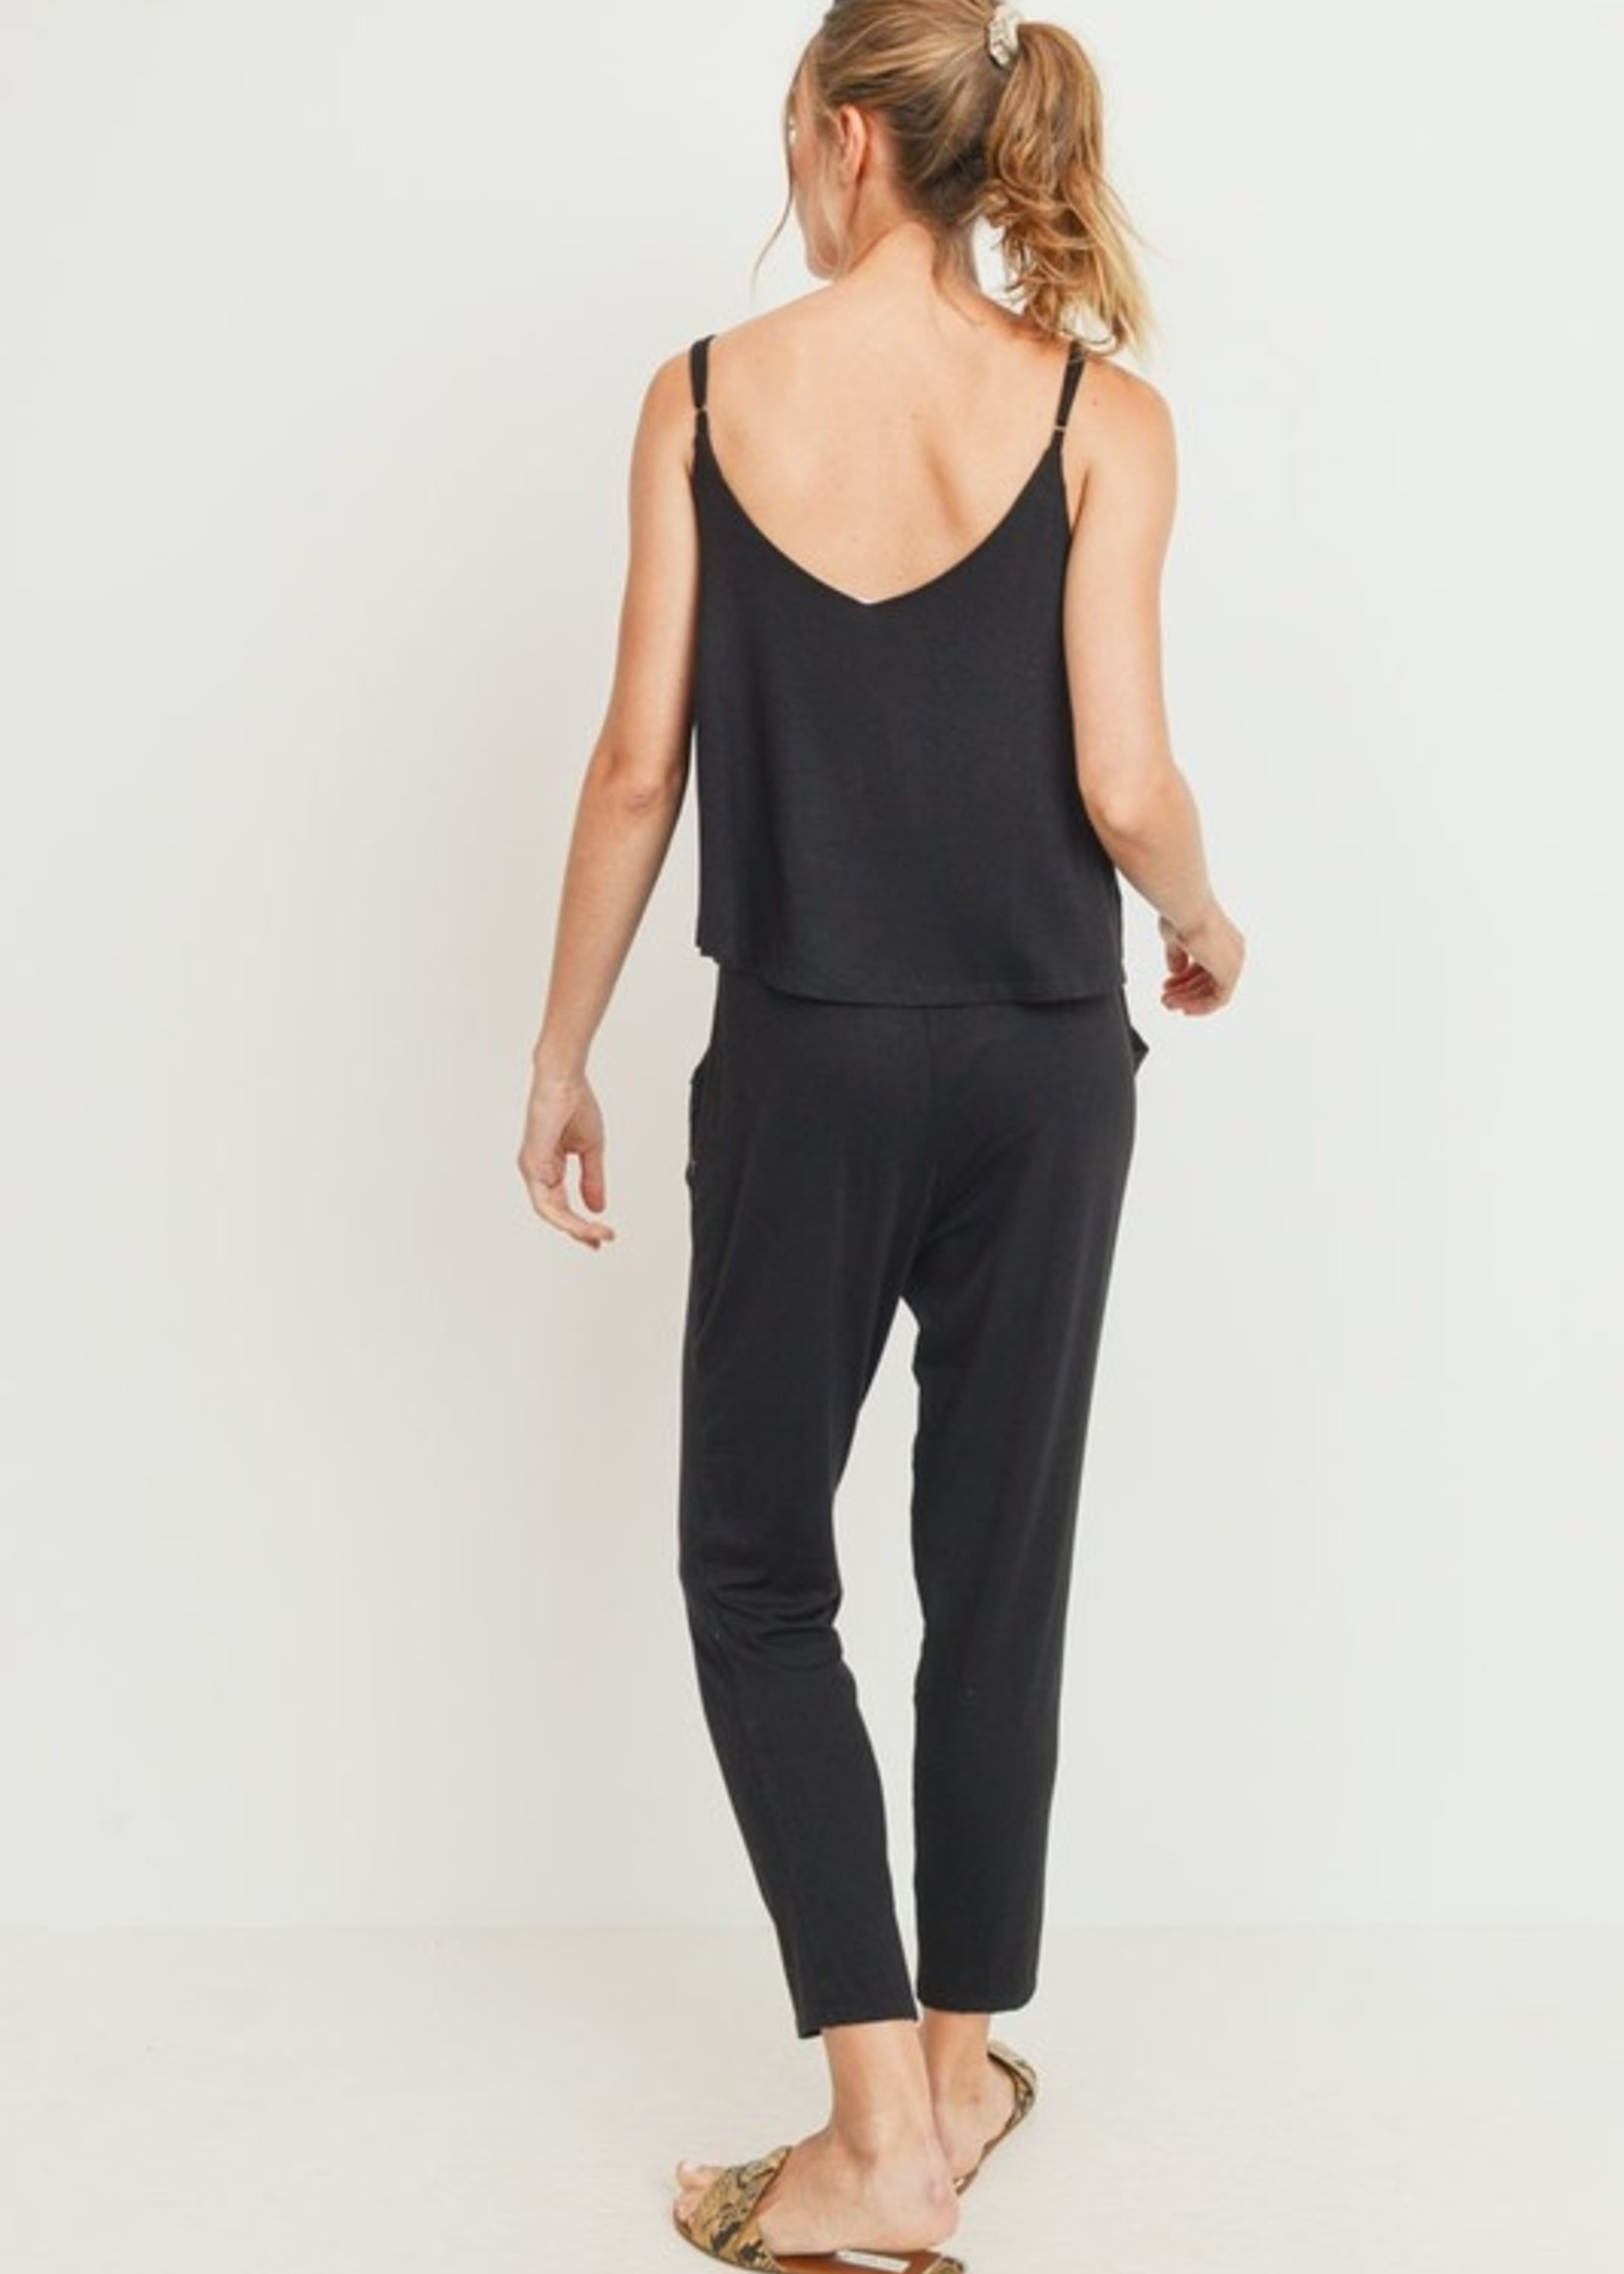 Skinny overlay jumpsuit